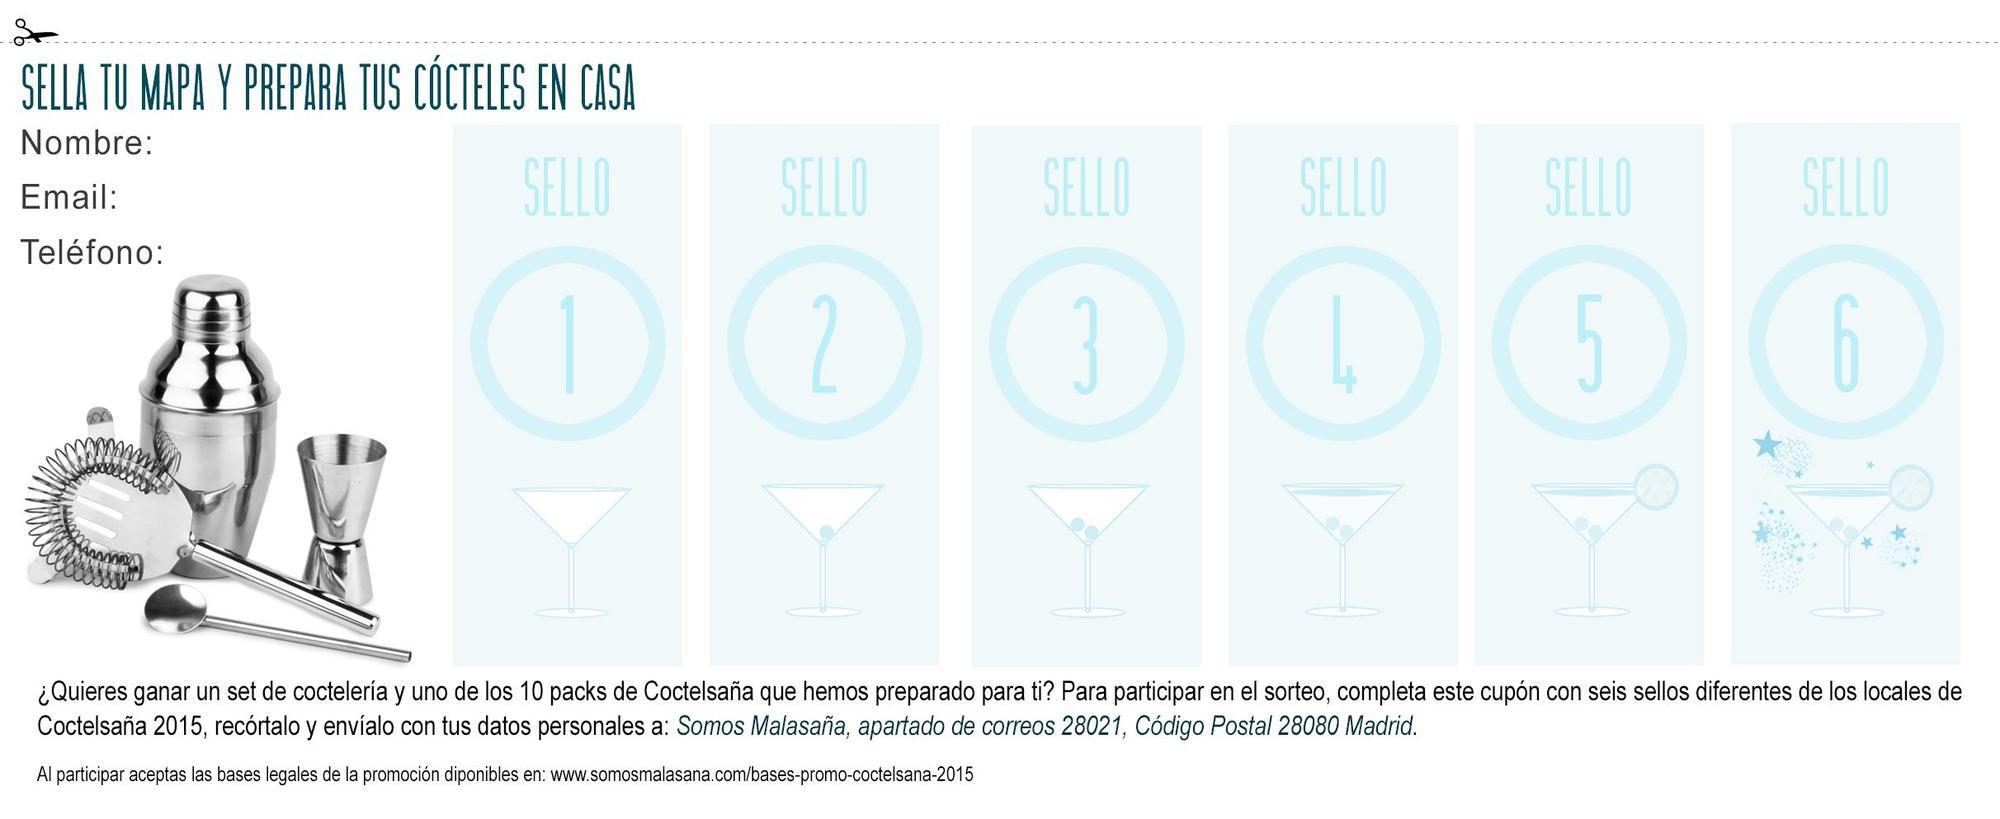 Cupón presente en los mapas de Coctelsaña